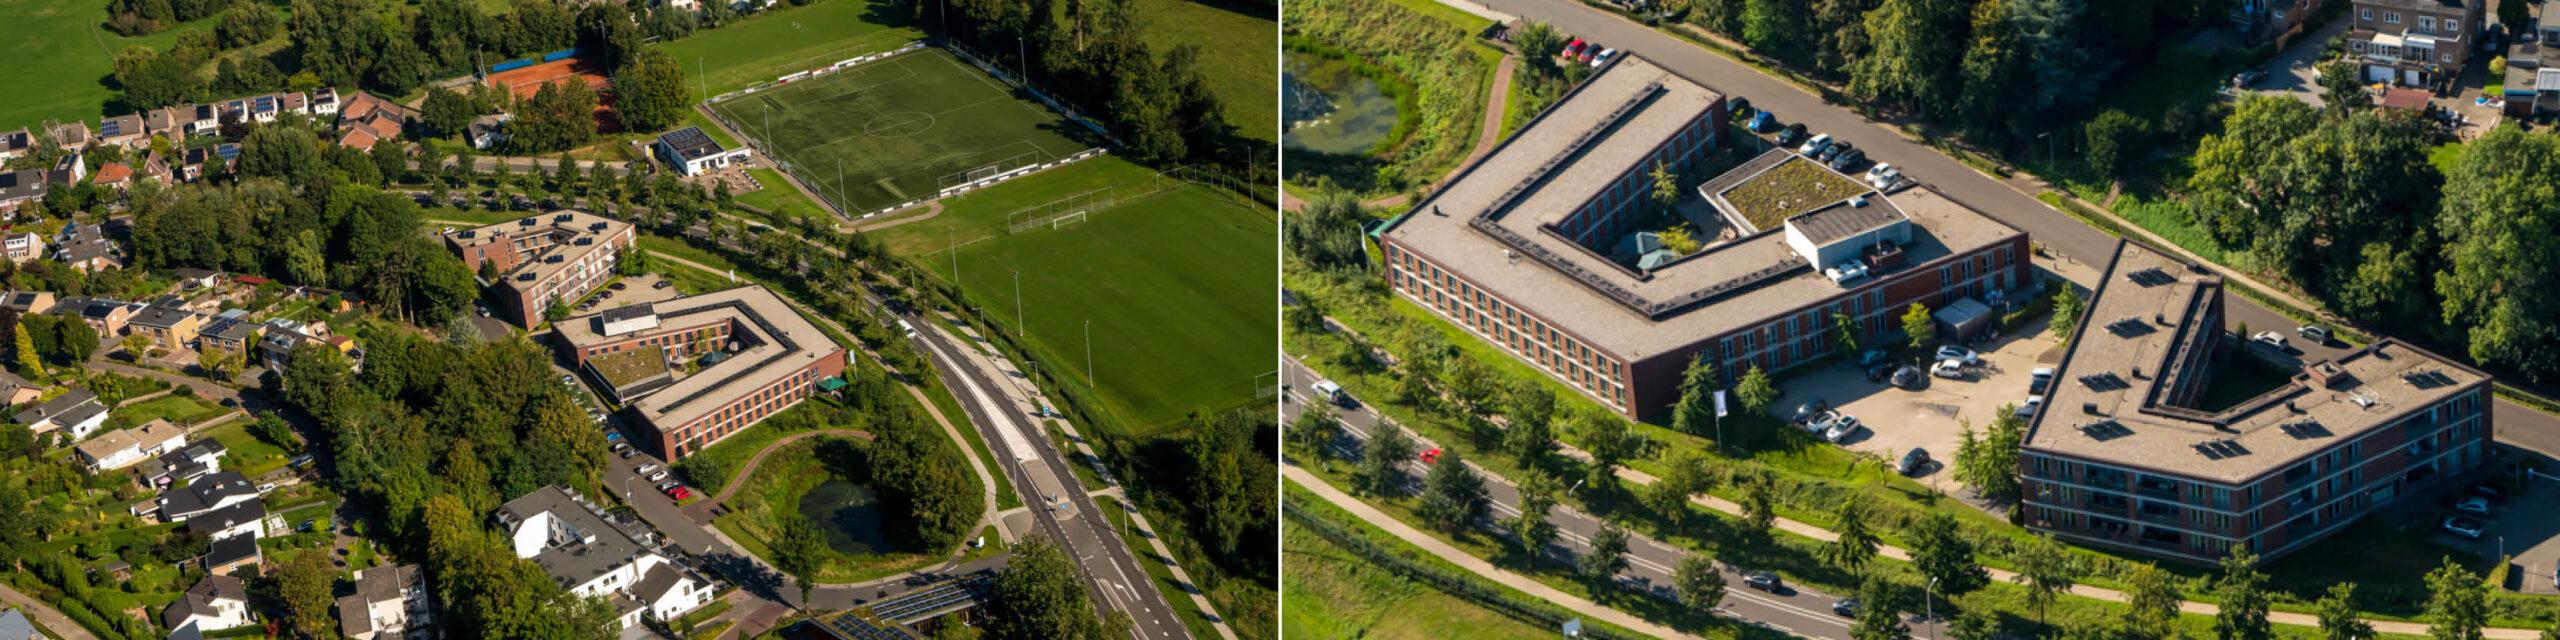 Afbouw nieuwbouw Zorgcentrum Klein Gulpen